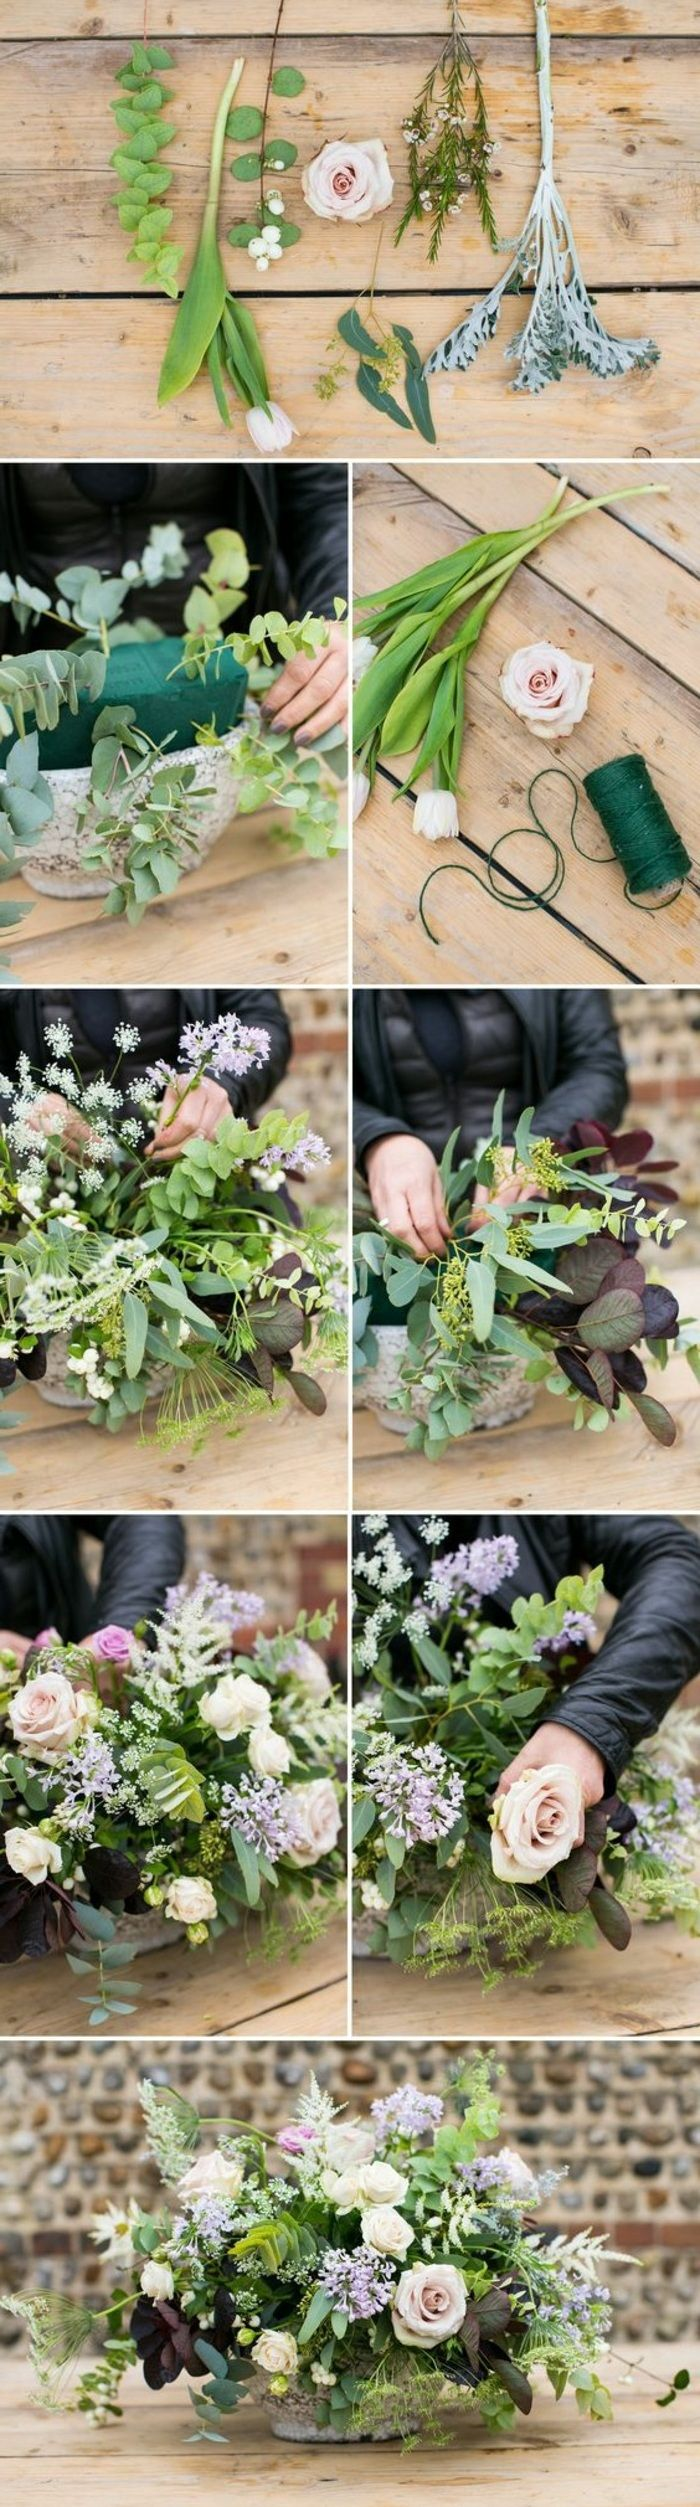 bastelideen fr C3 BChling rosen blumen vase dekorieren tischdeko schere gr C3 BCner faden